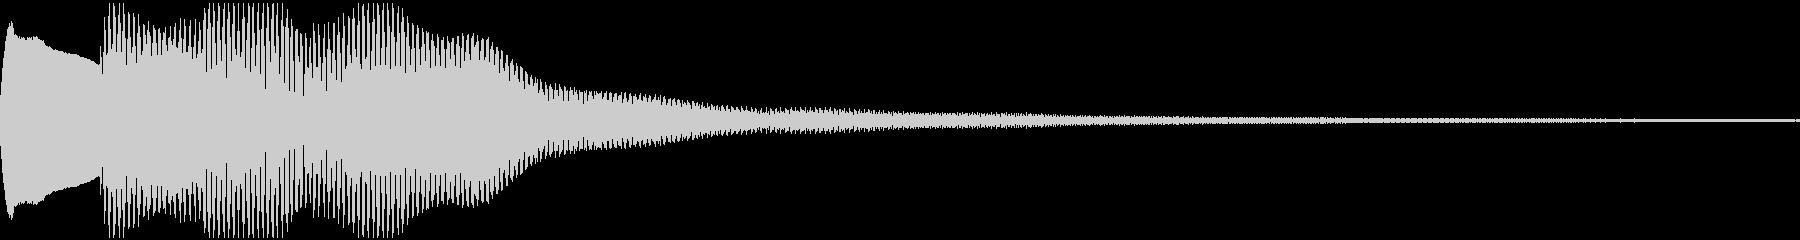 正解!(ピポピポン)1の未再生の波形